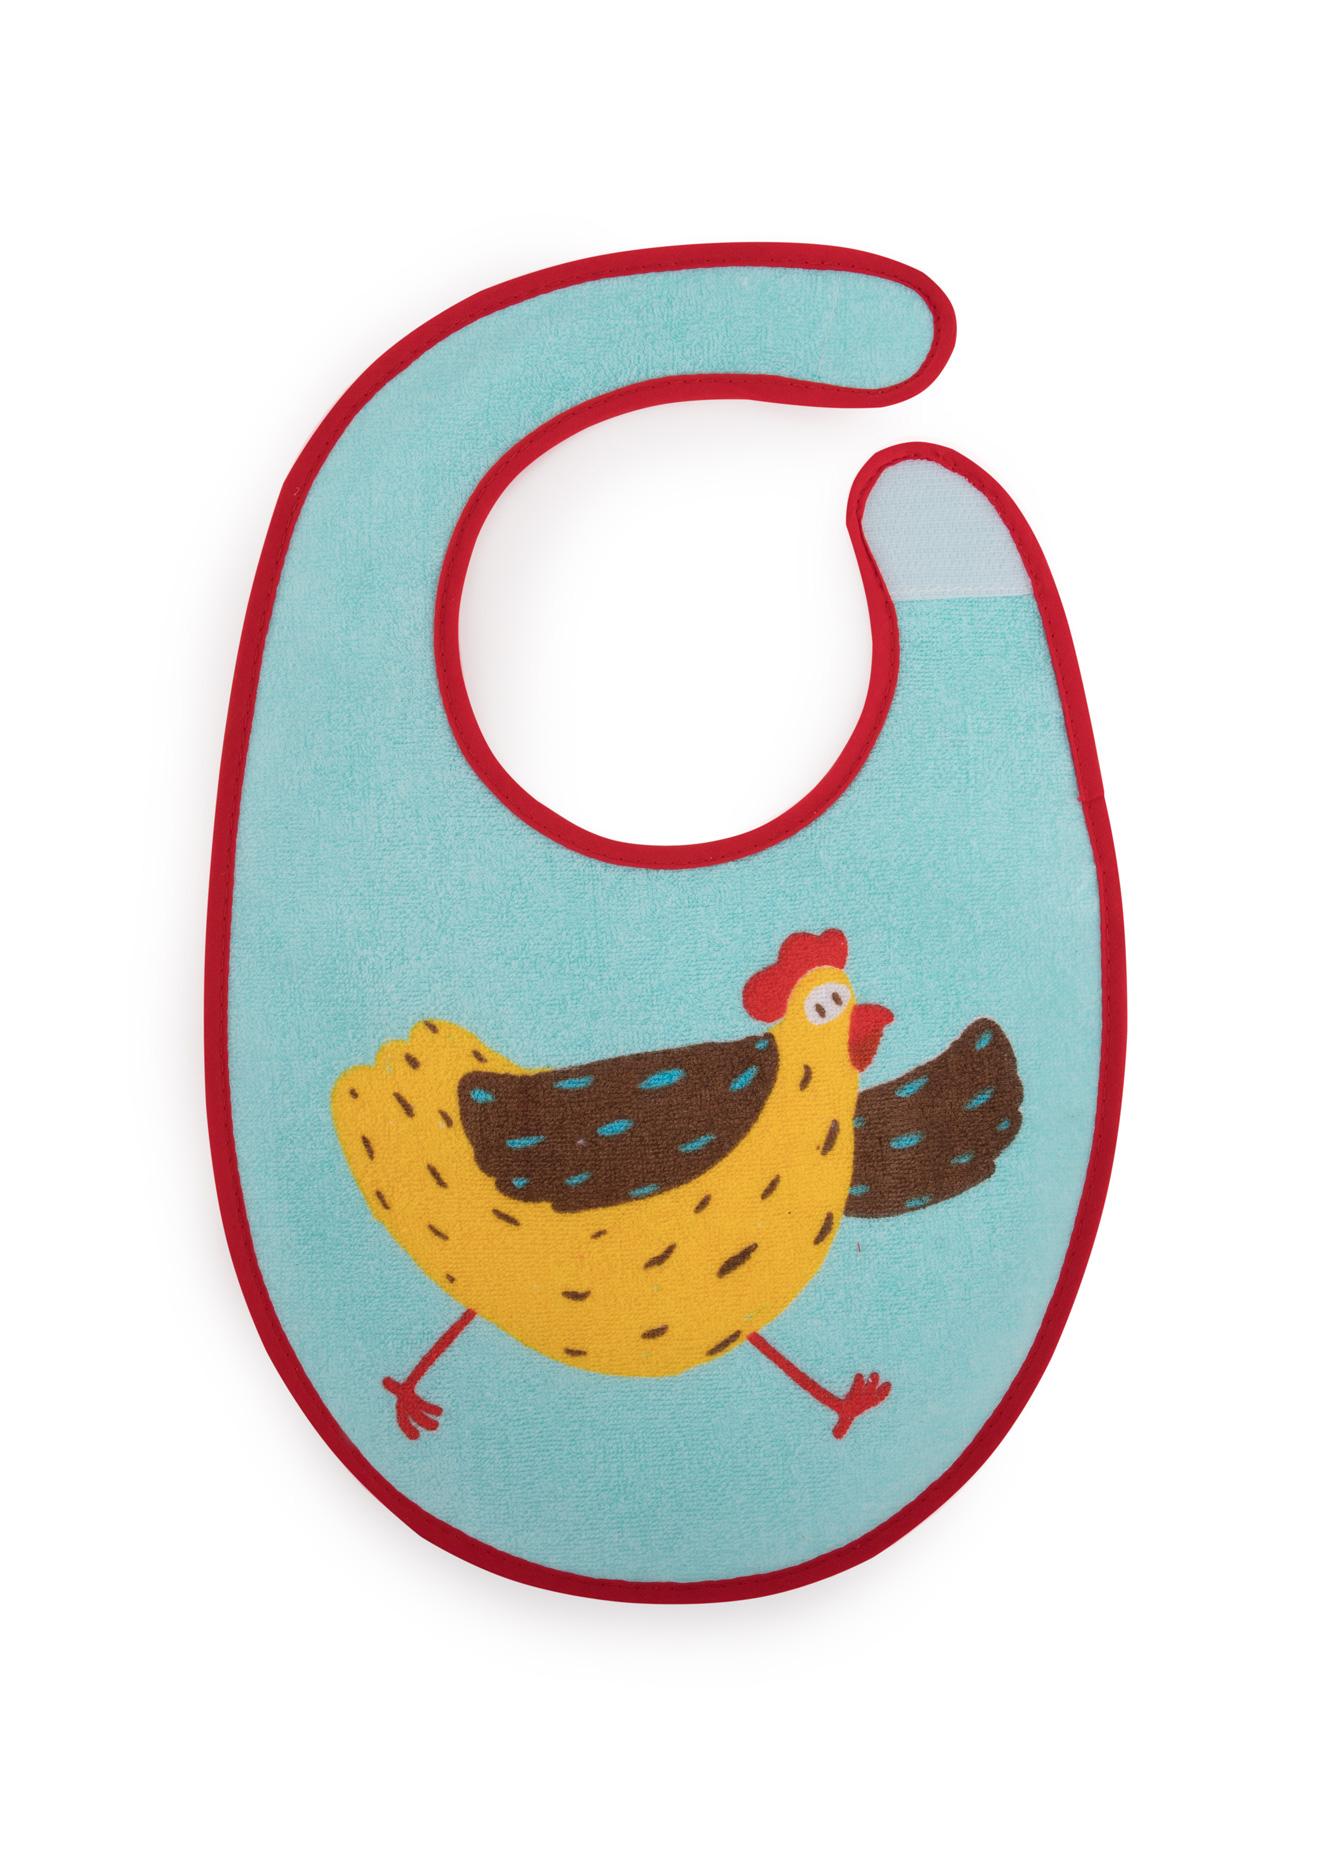 Нагрудник Happy baby 2 шт комплект одежды для девочки acoola baby dino комбинезон 2 шт нагрудник для кормления шапочка цвет разноцветный 20254250001 8000 размер 80